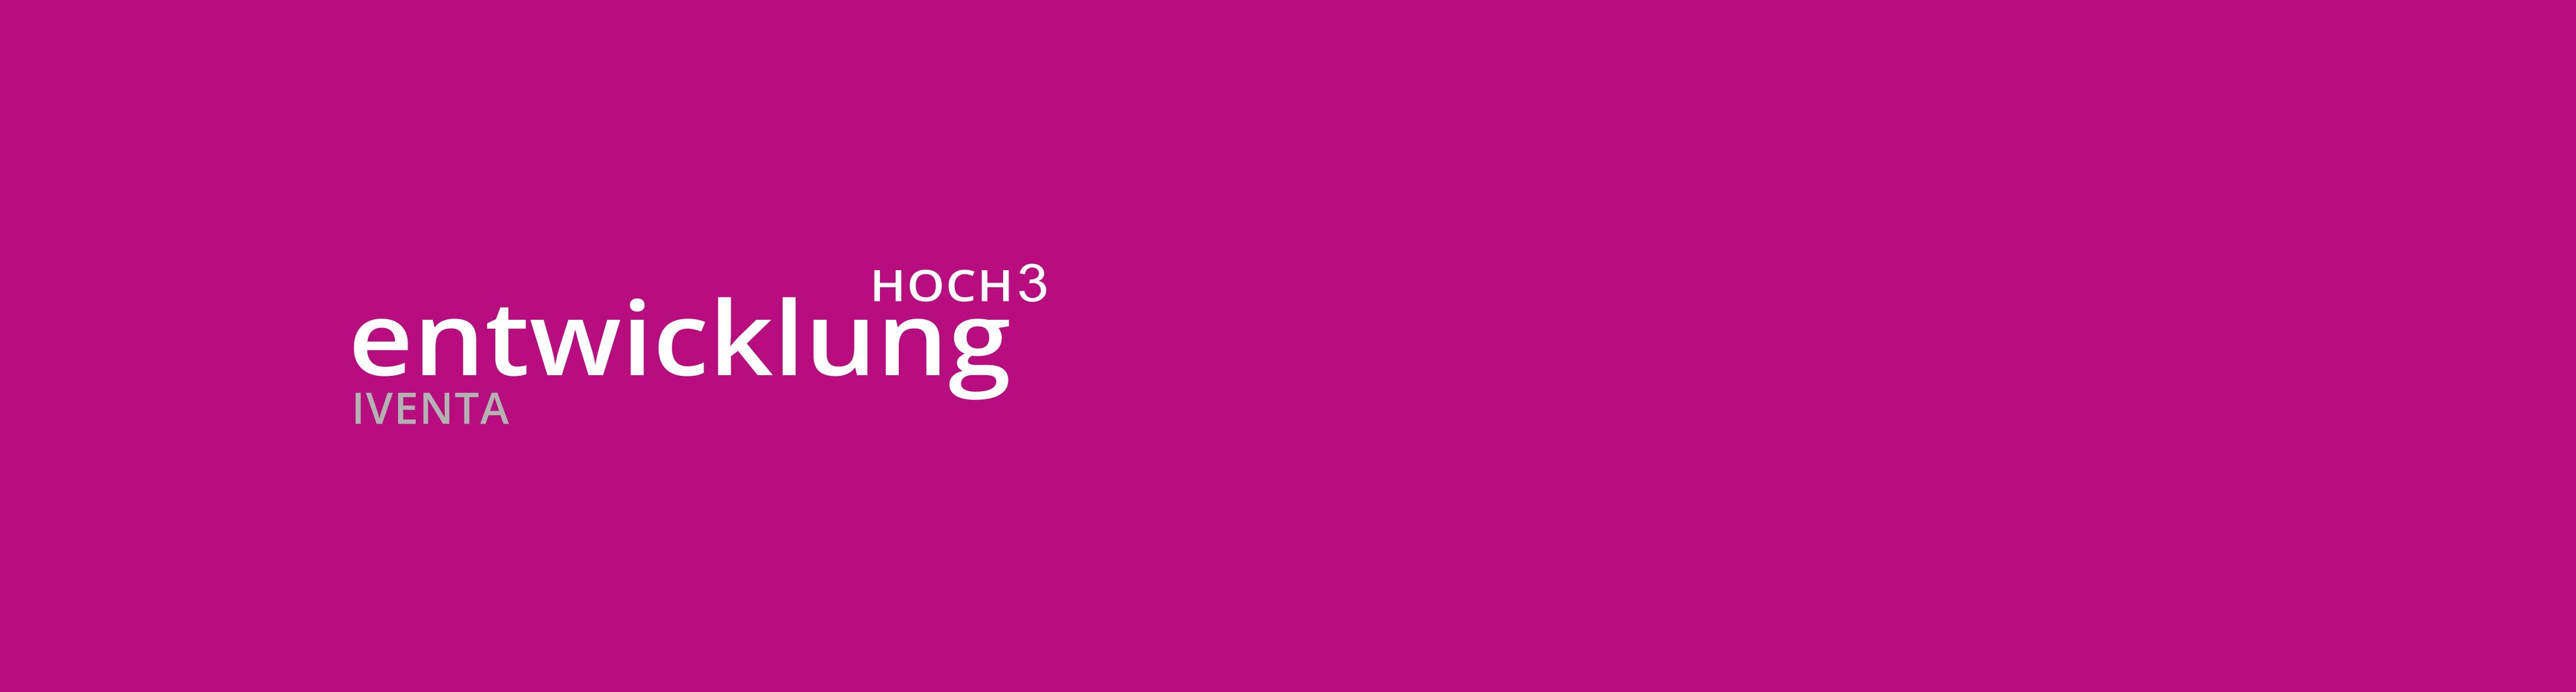 Entwicklung Hoch3 Logo